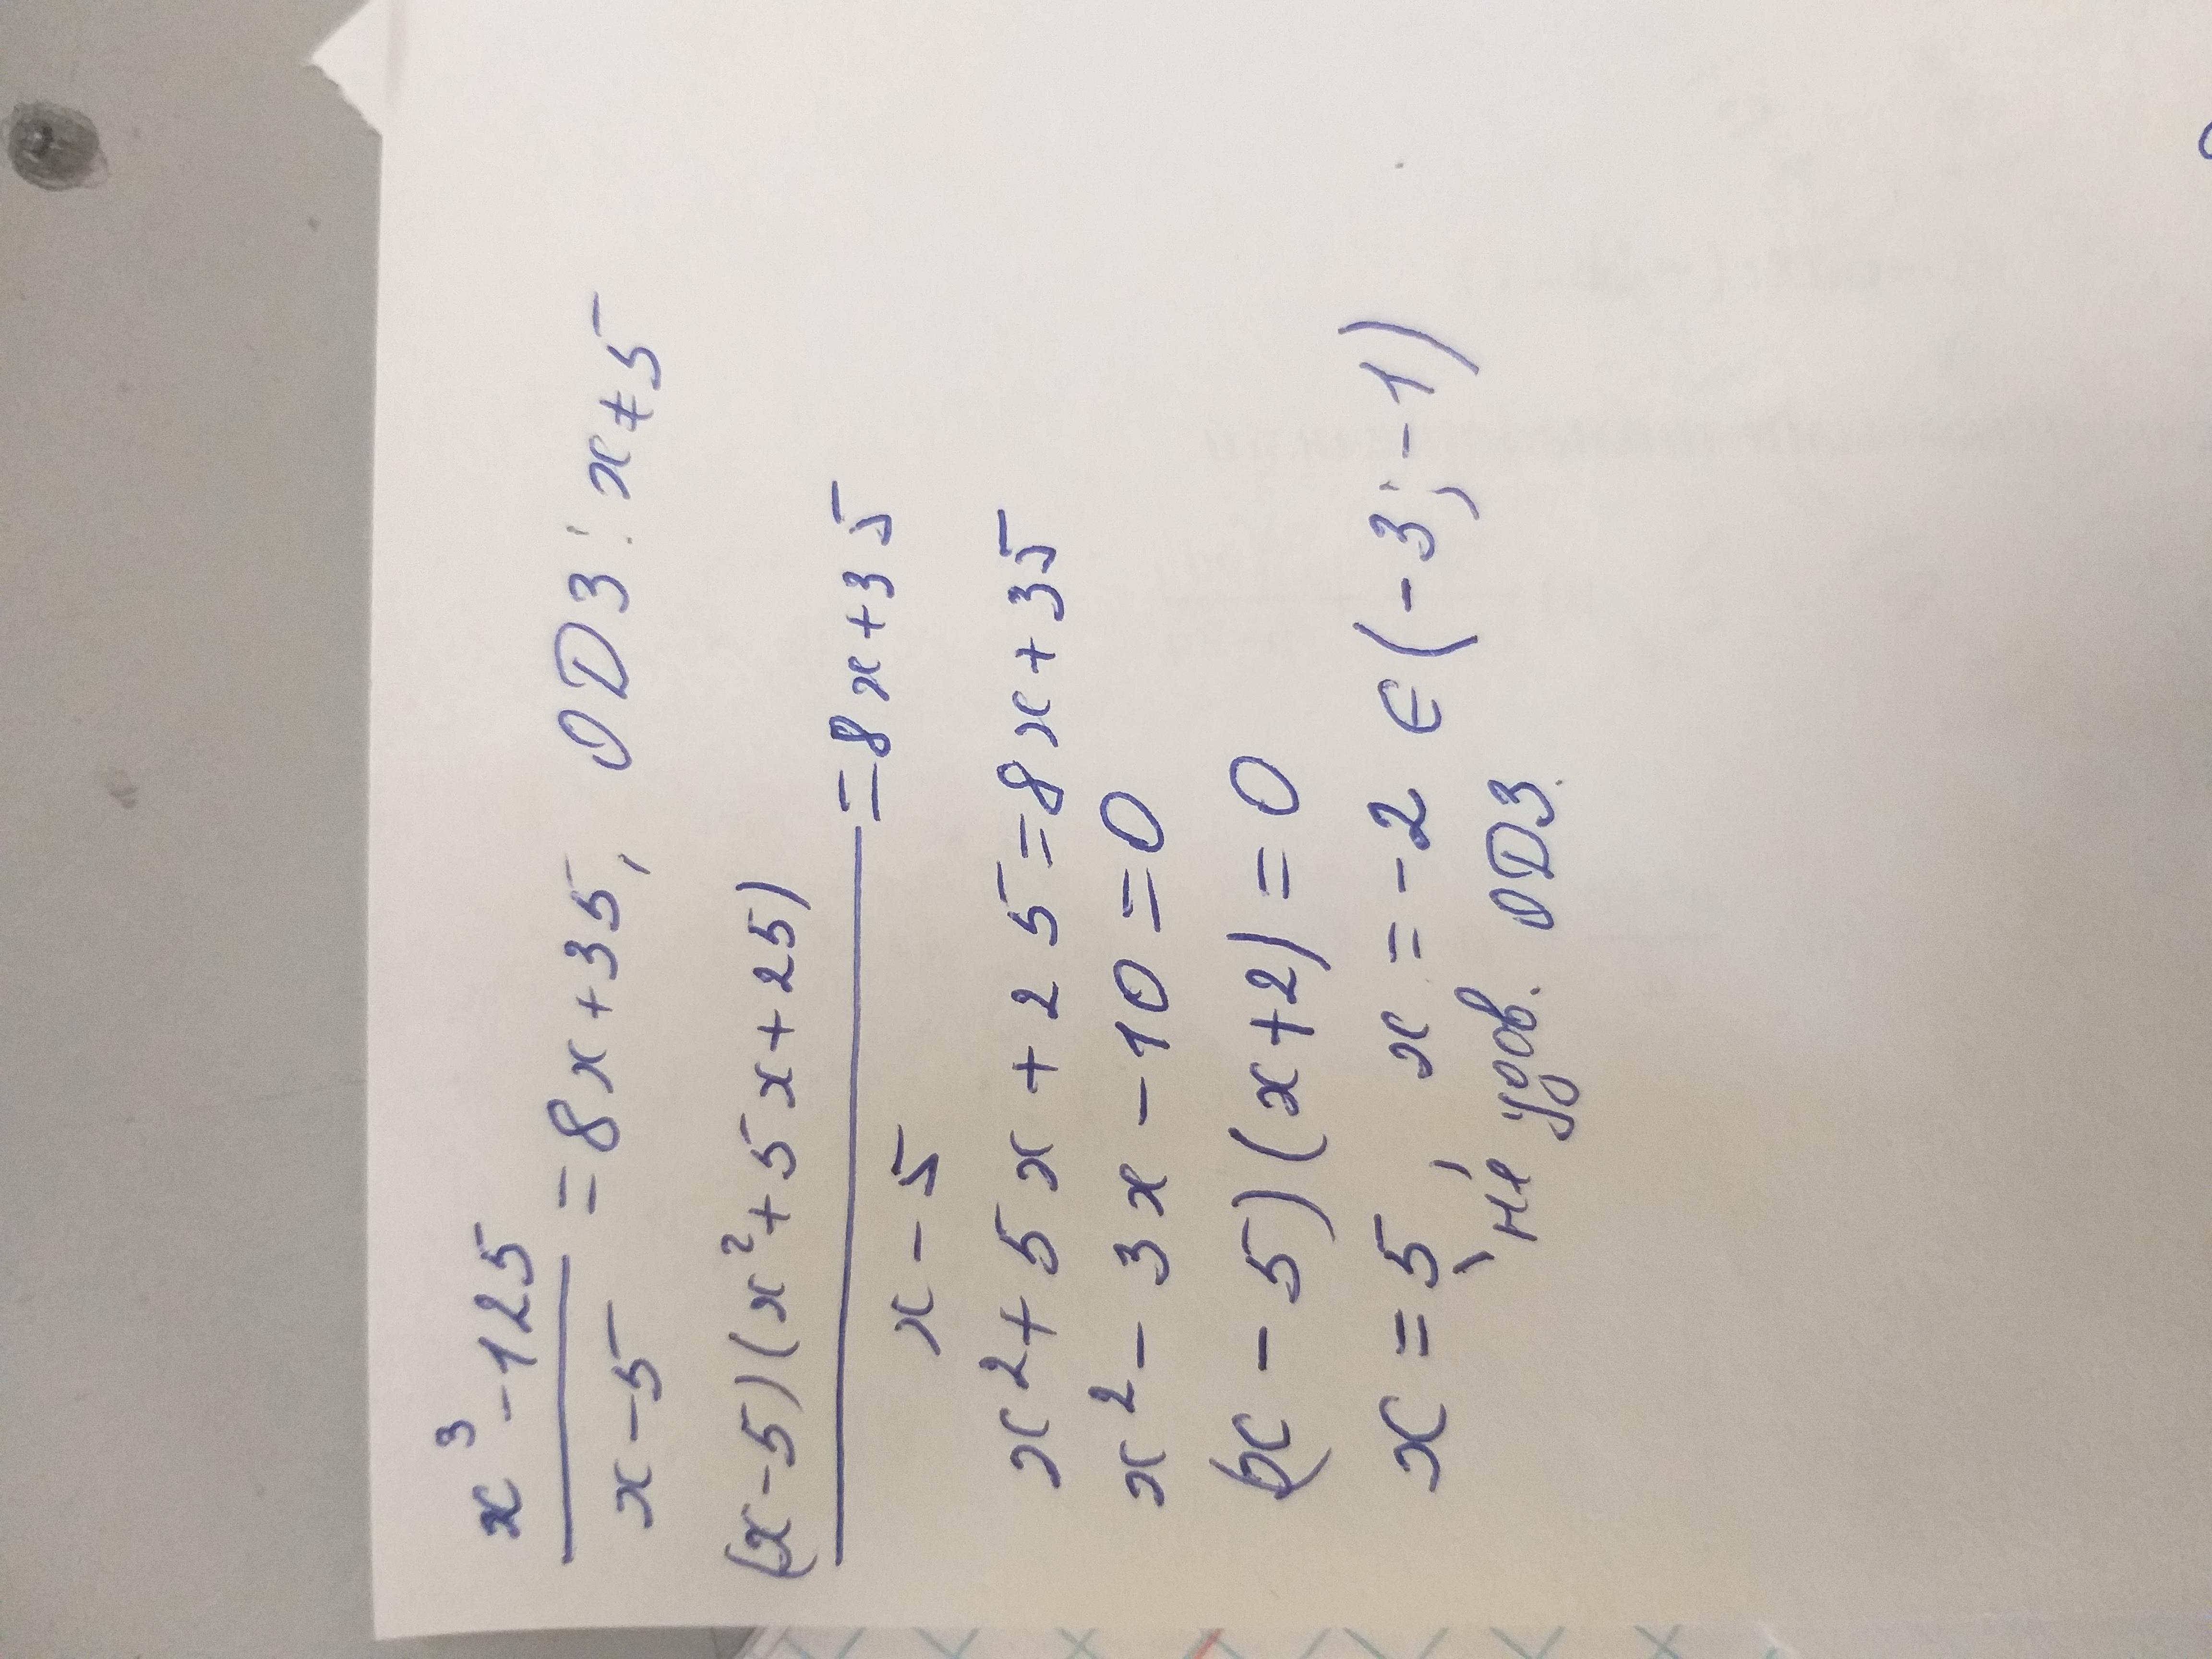 Сума коренів обо корінь рівняння x^3-125/x-5=8x+35